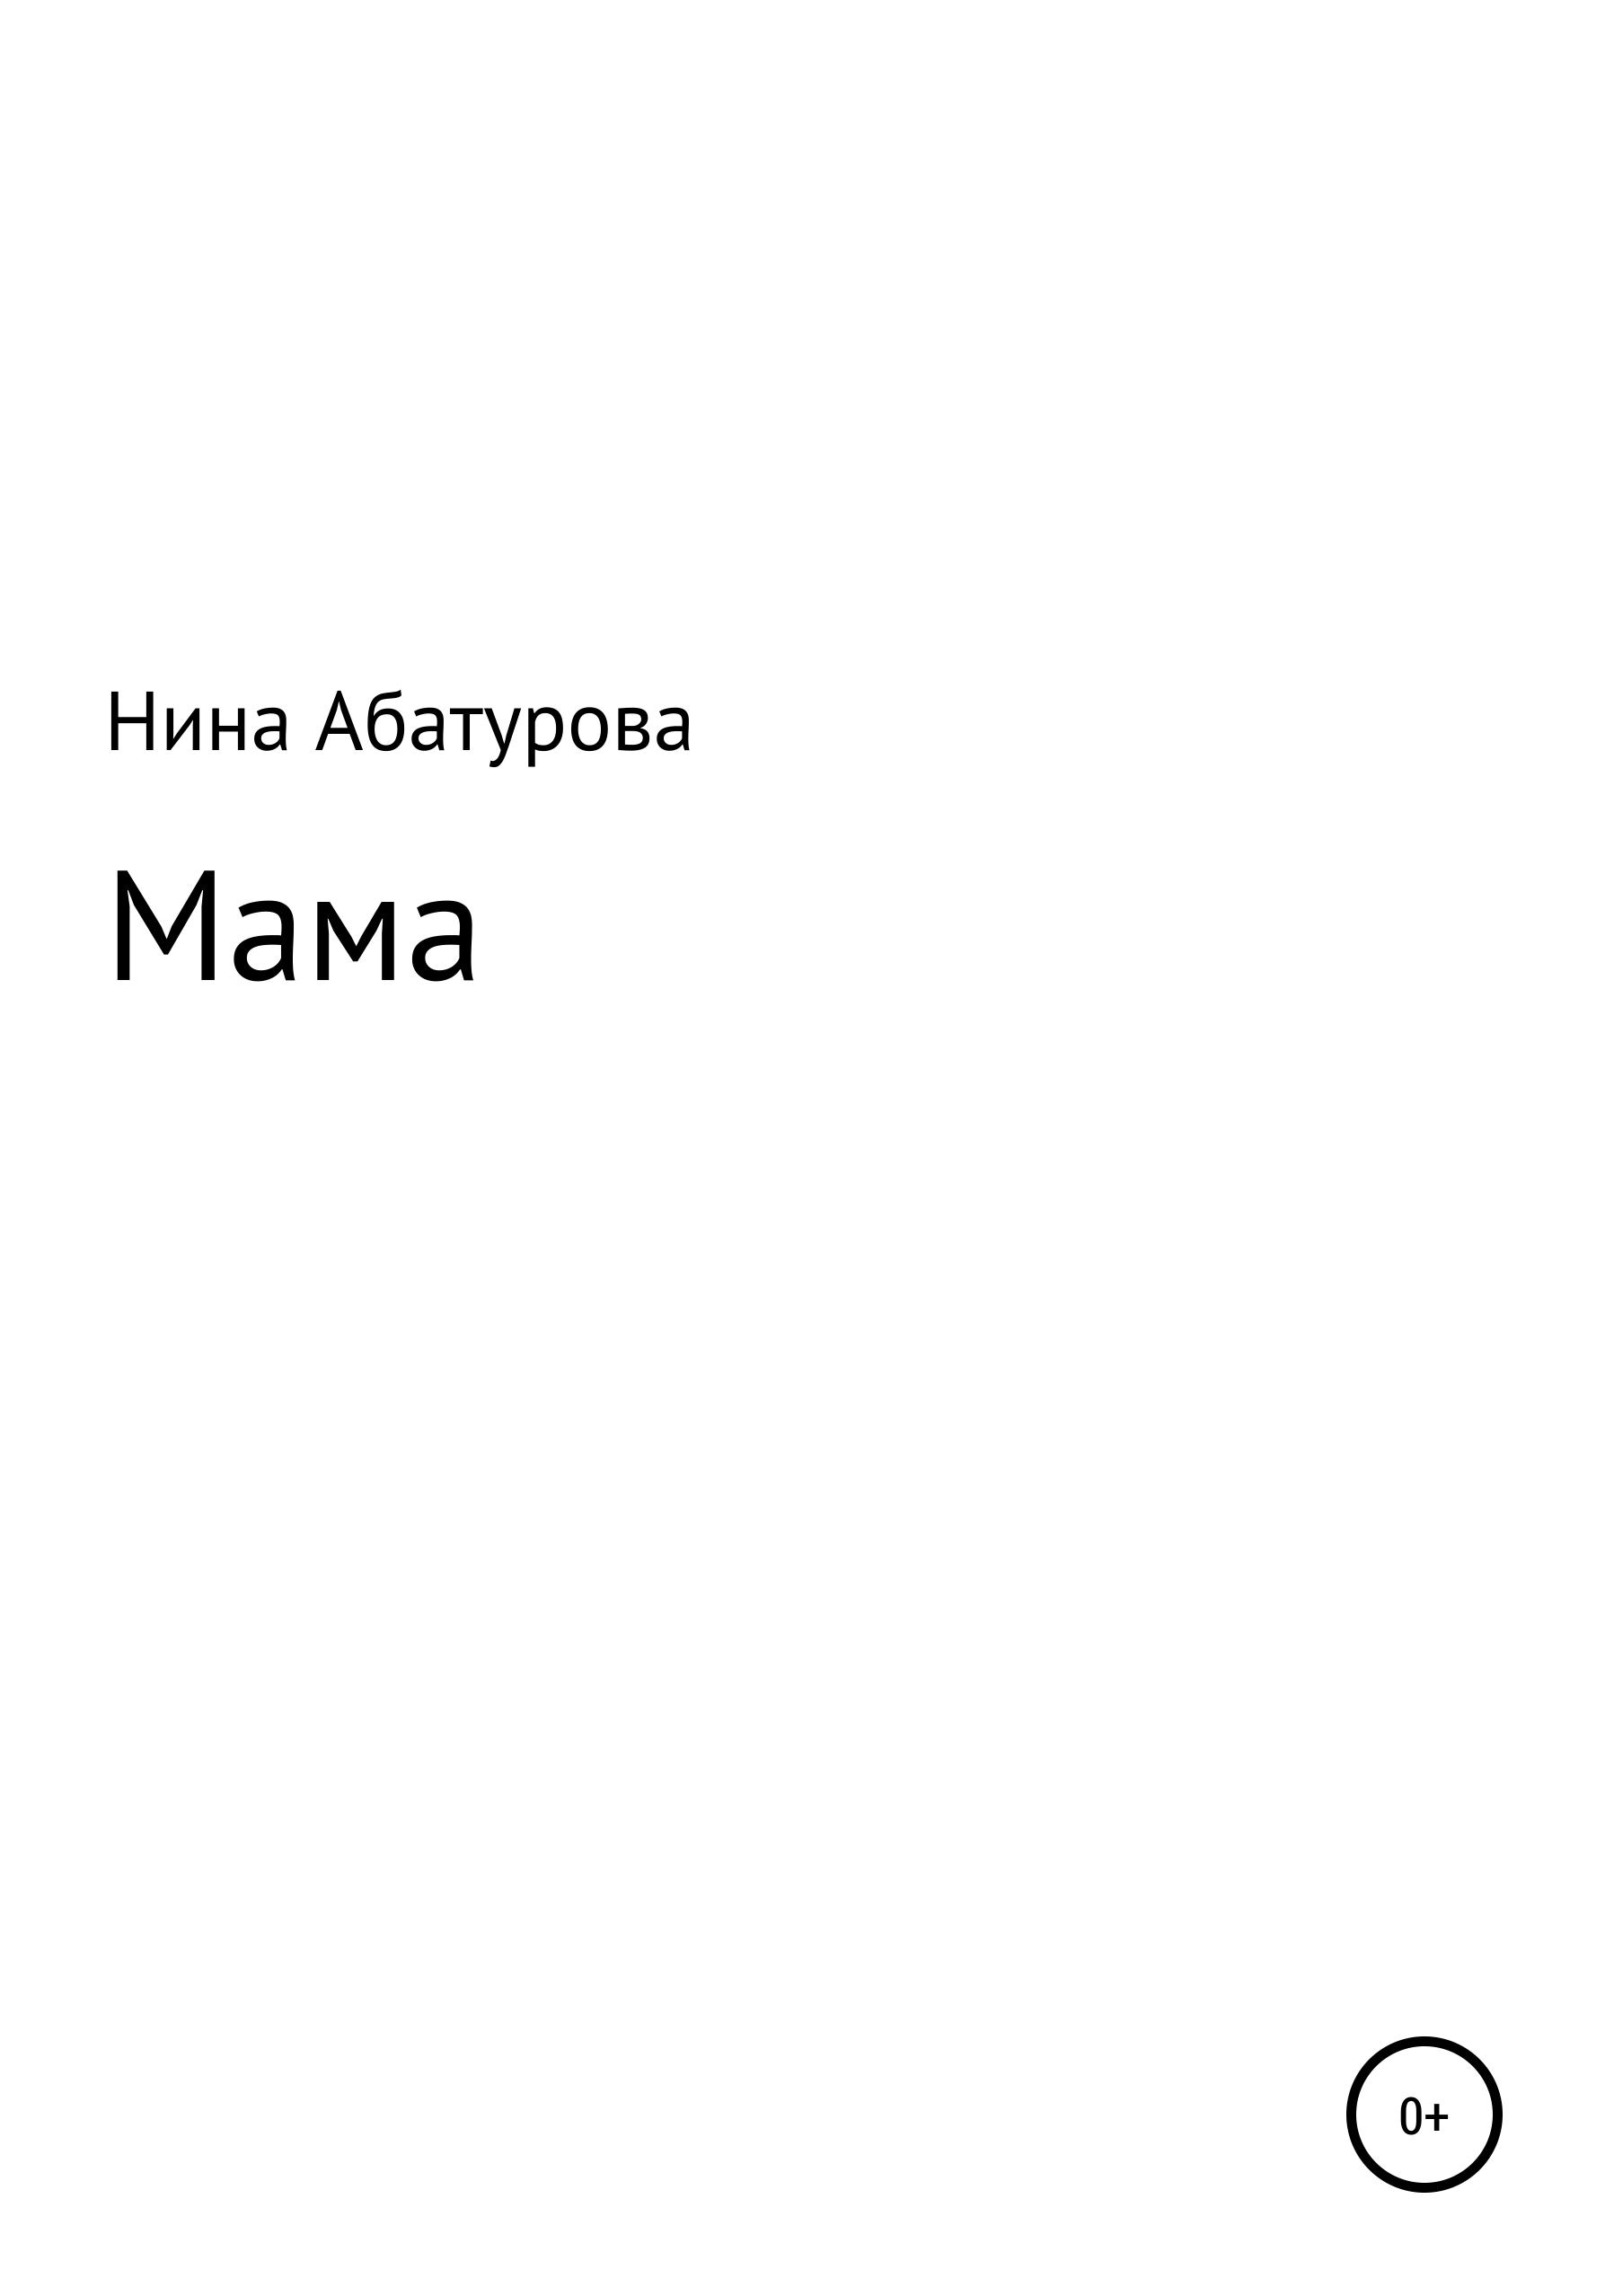 Нина Михайловна Абатурова Мама молева нина михайловна эта долгая дорога через хх век жизнь и творчество элия белютина